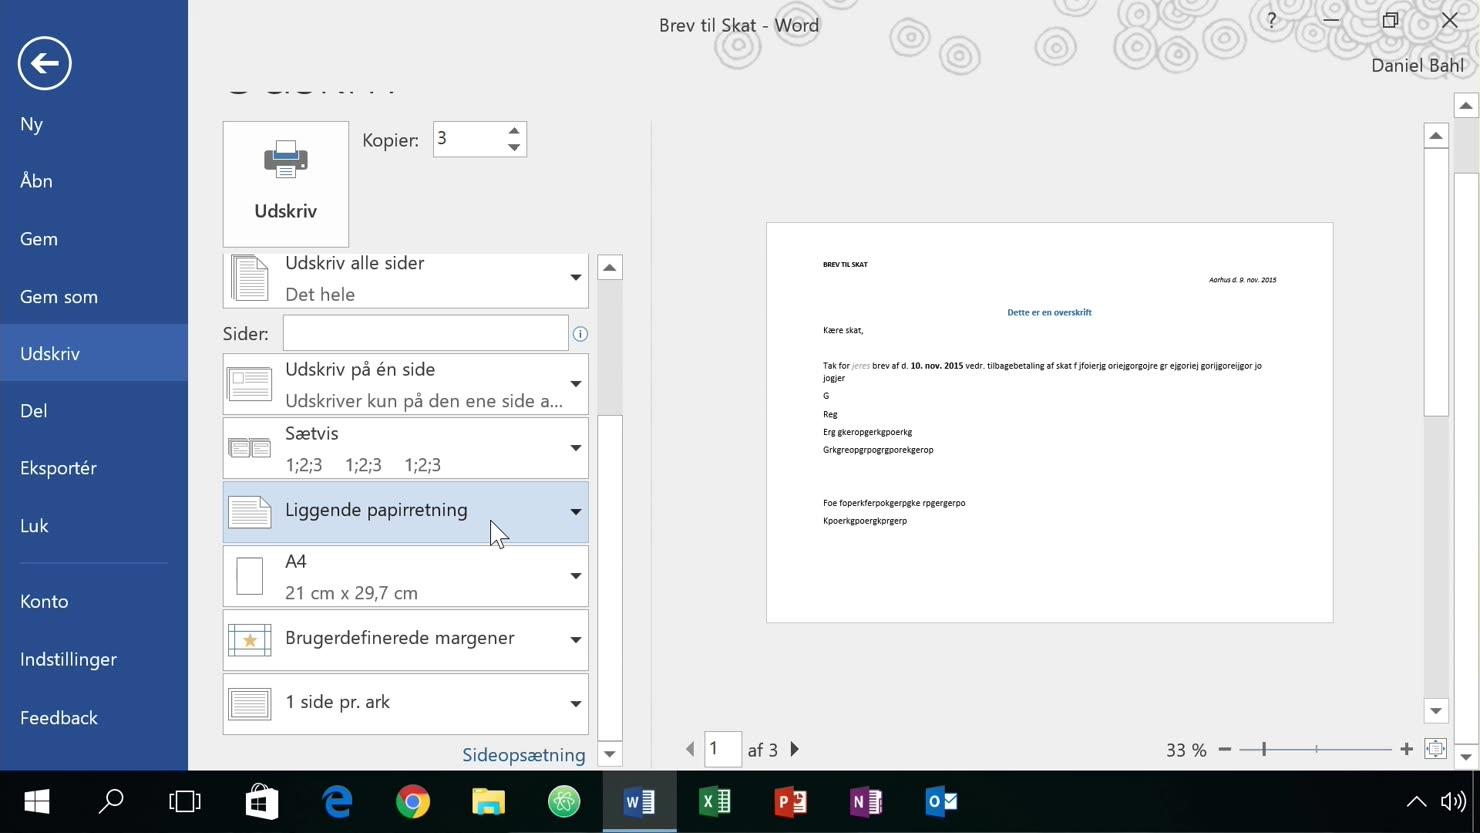 Sådan udskriver du dine dokumenter til printeren